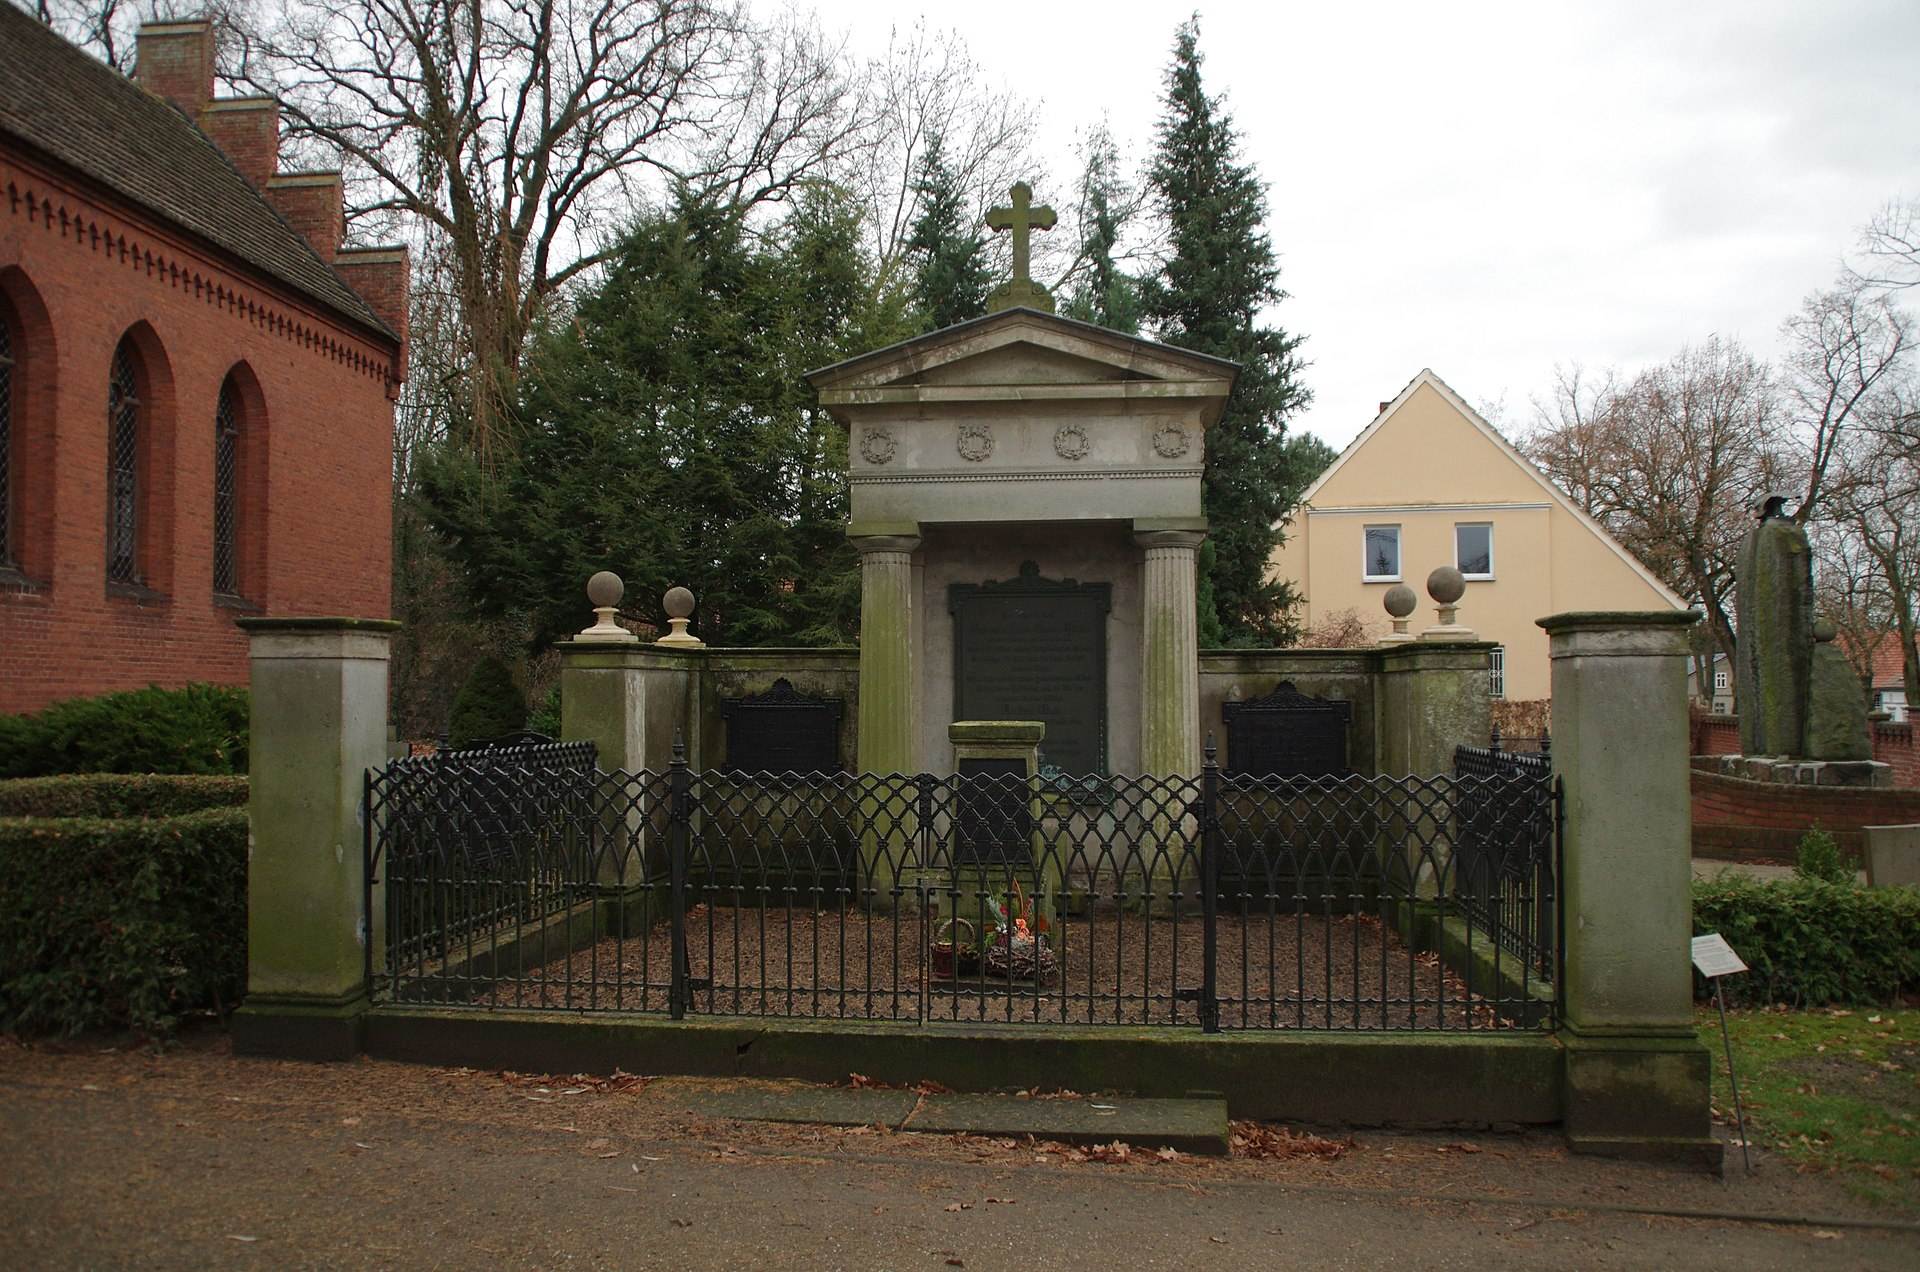 Grabstätte Hölsche-Zerahn Walchow Fehrbellin.jpg